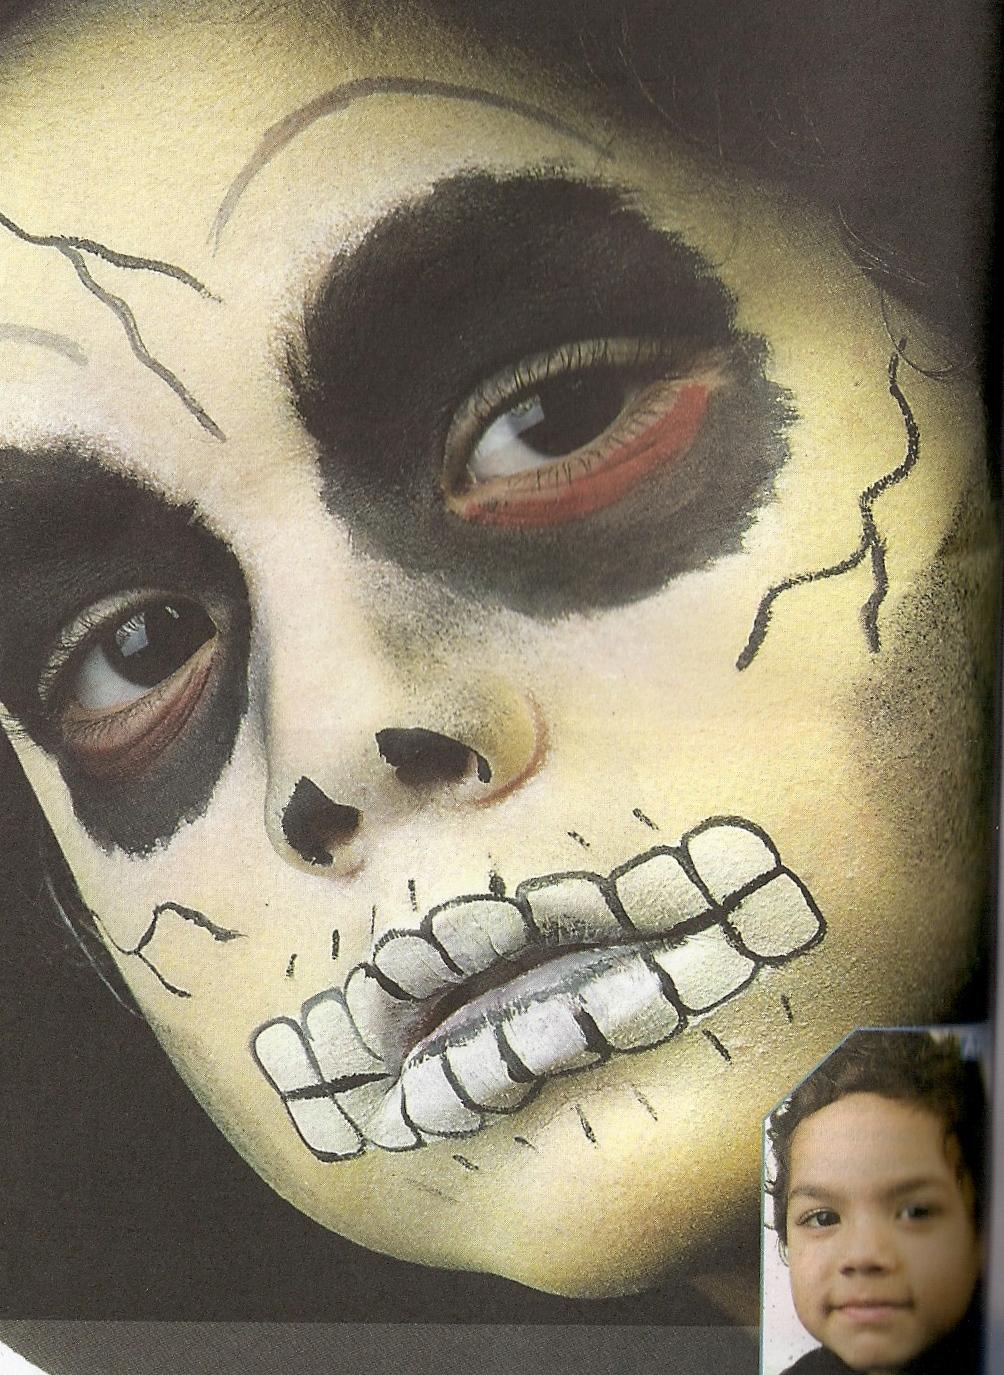 Manualidades luna clara maquillajes for Pinturas de cara para halloween